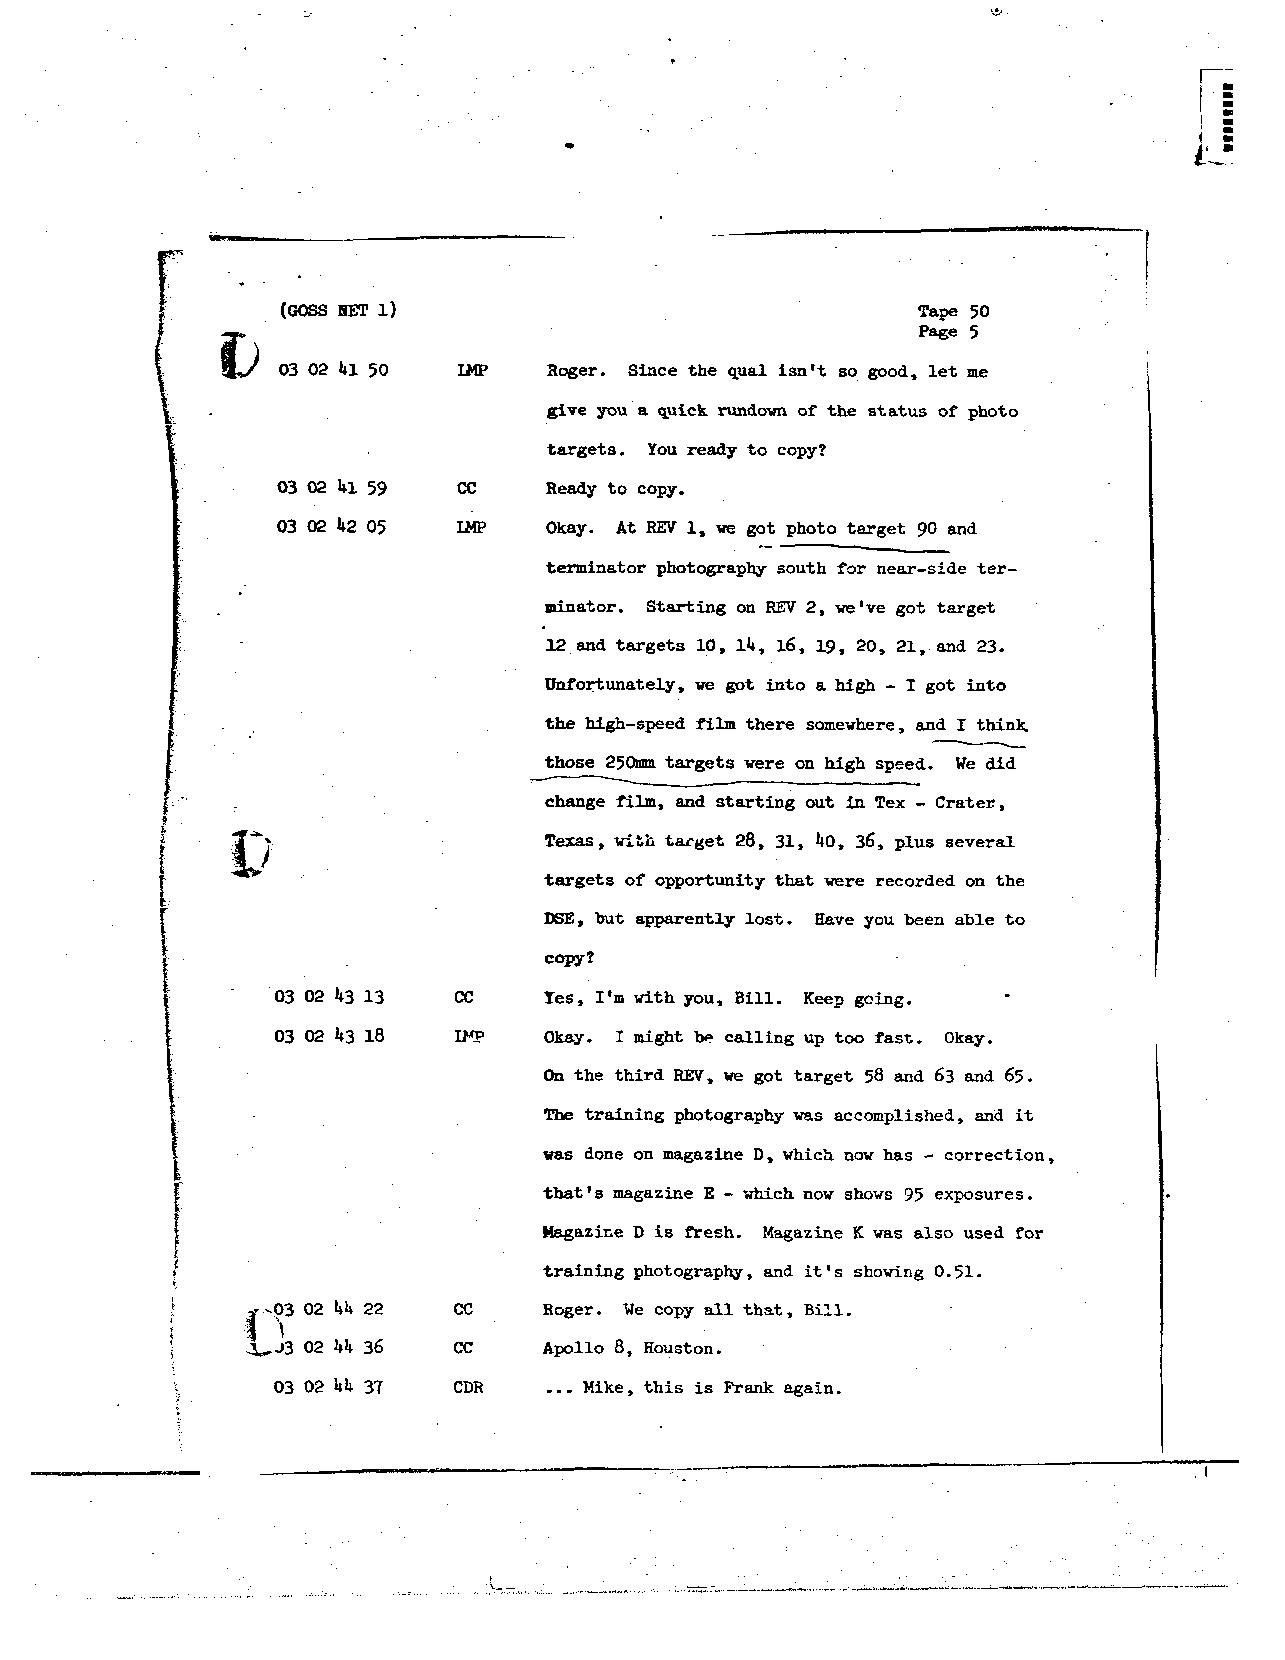 Page 397 of Apollo 8's original transcript